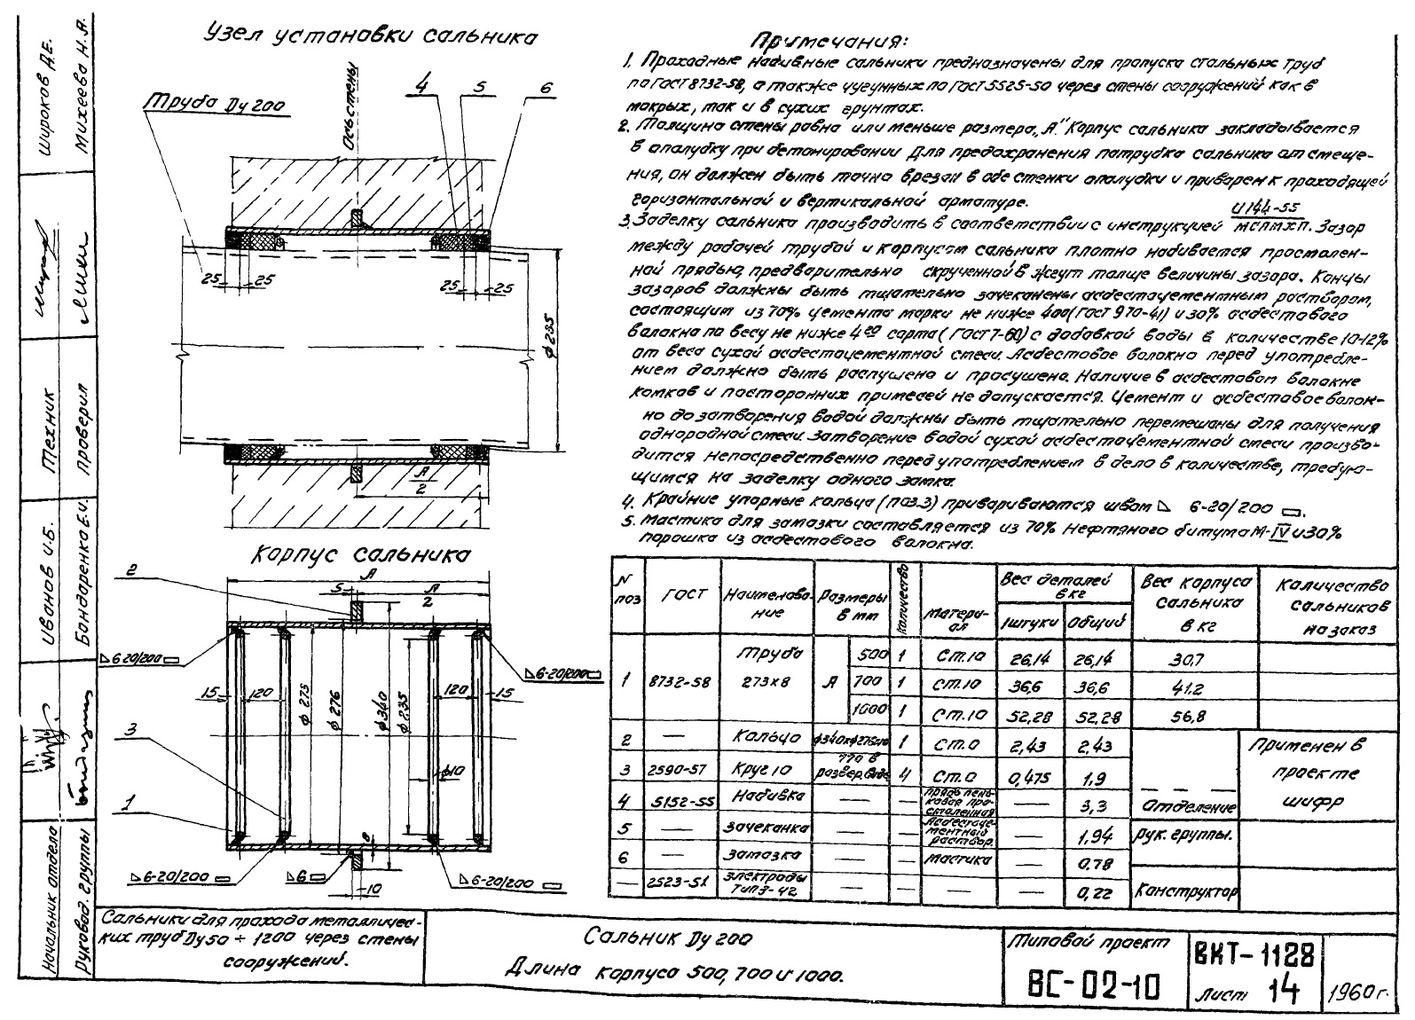 Сальники набивные L = 500 мм типовой проект ВС-02-10 стр.6